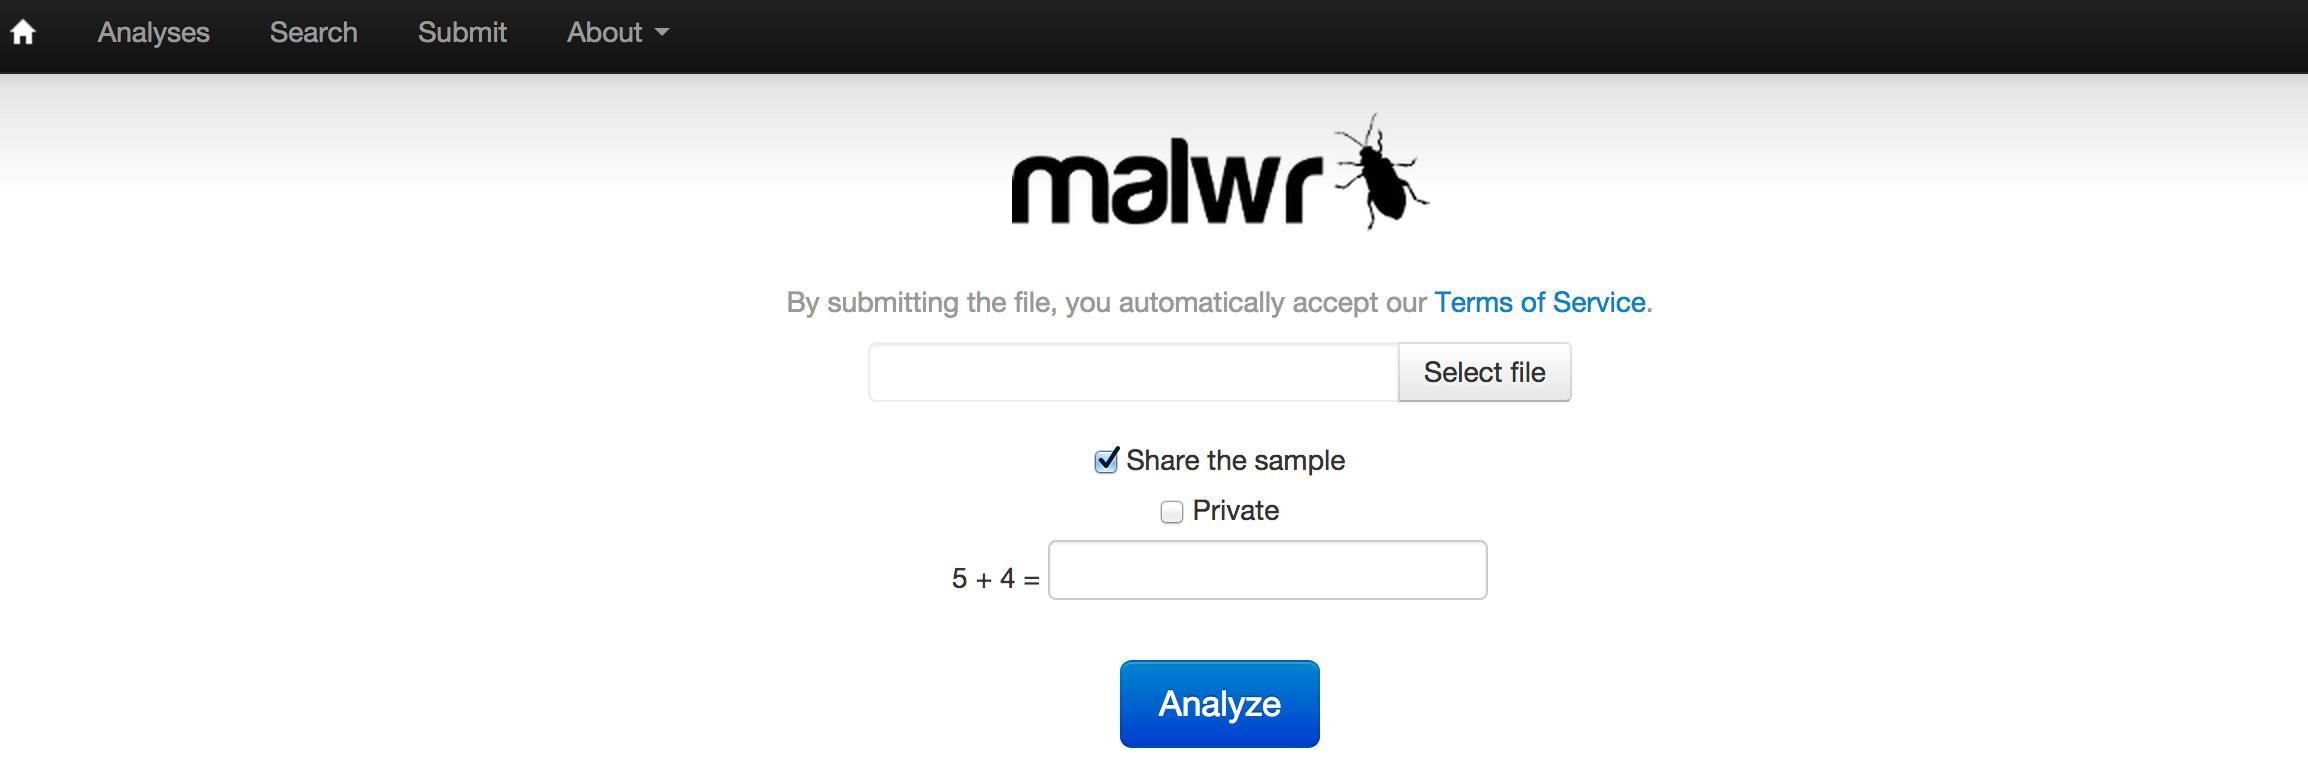 Malwr